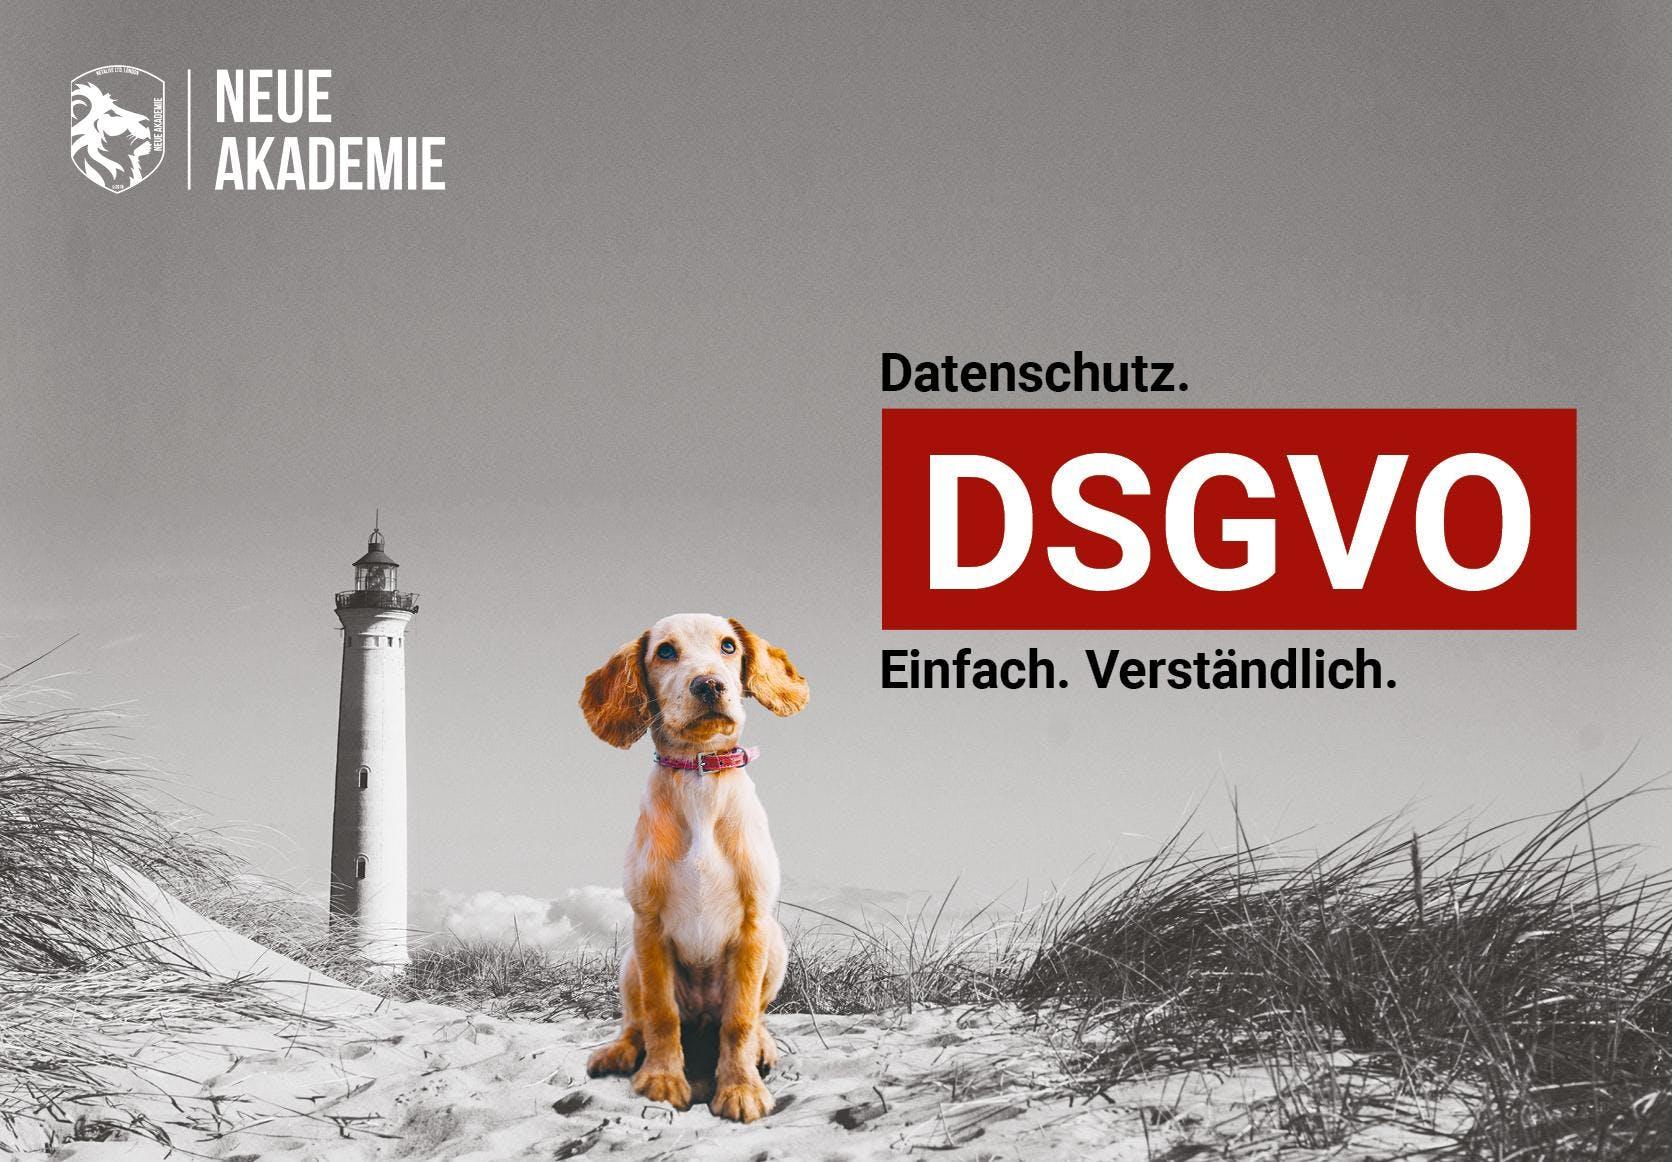 Vortrag: Die DSGVO in der Praxis